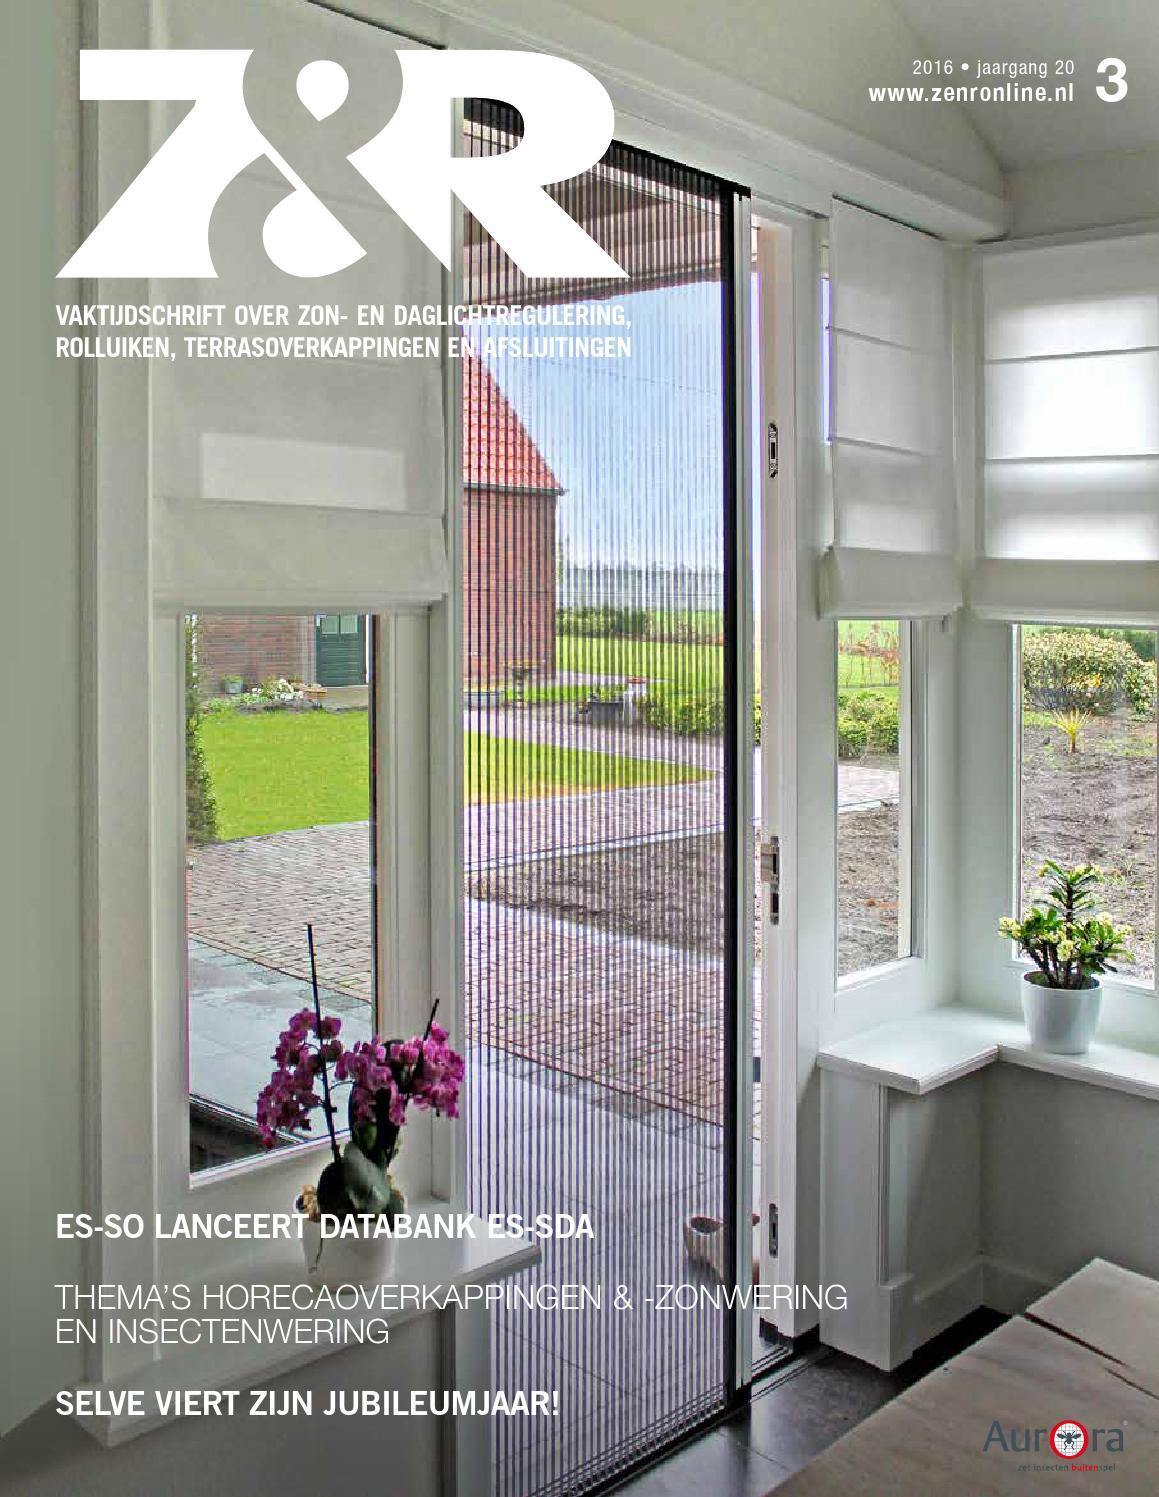 #7D953623612240 Stad En Groen 8 2015 By Nwst Newstories Issuu Meest effectief Design Meubels Aachen 2015 behang 115914972015 afbeeldingen